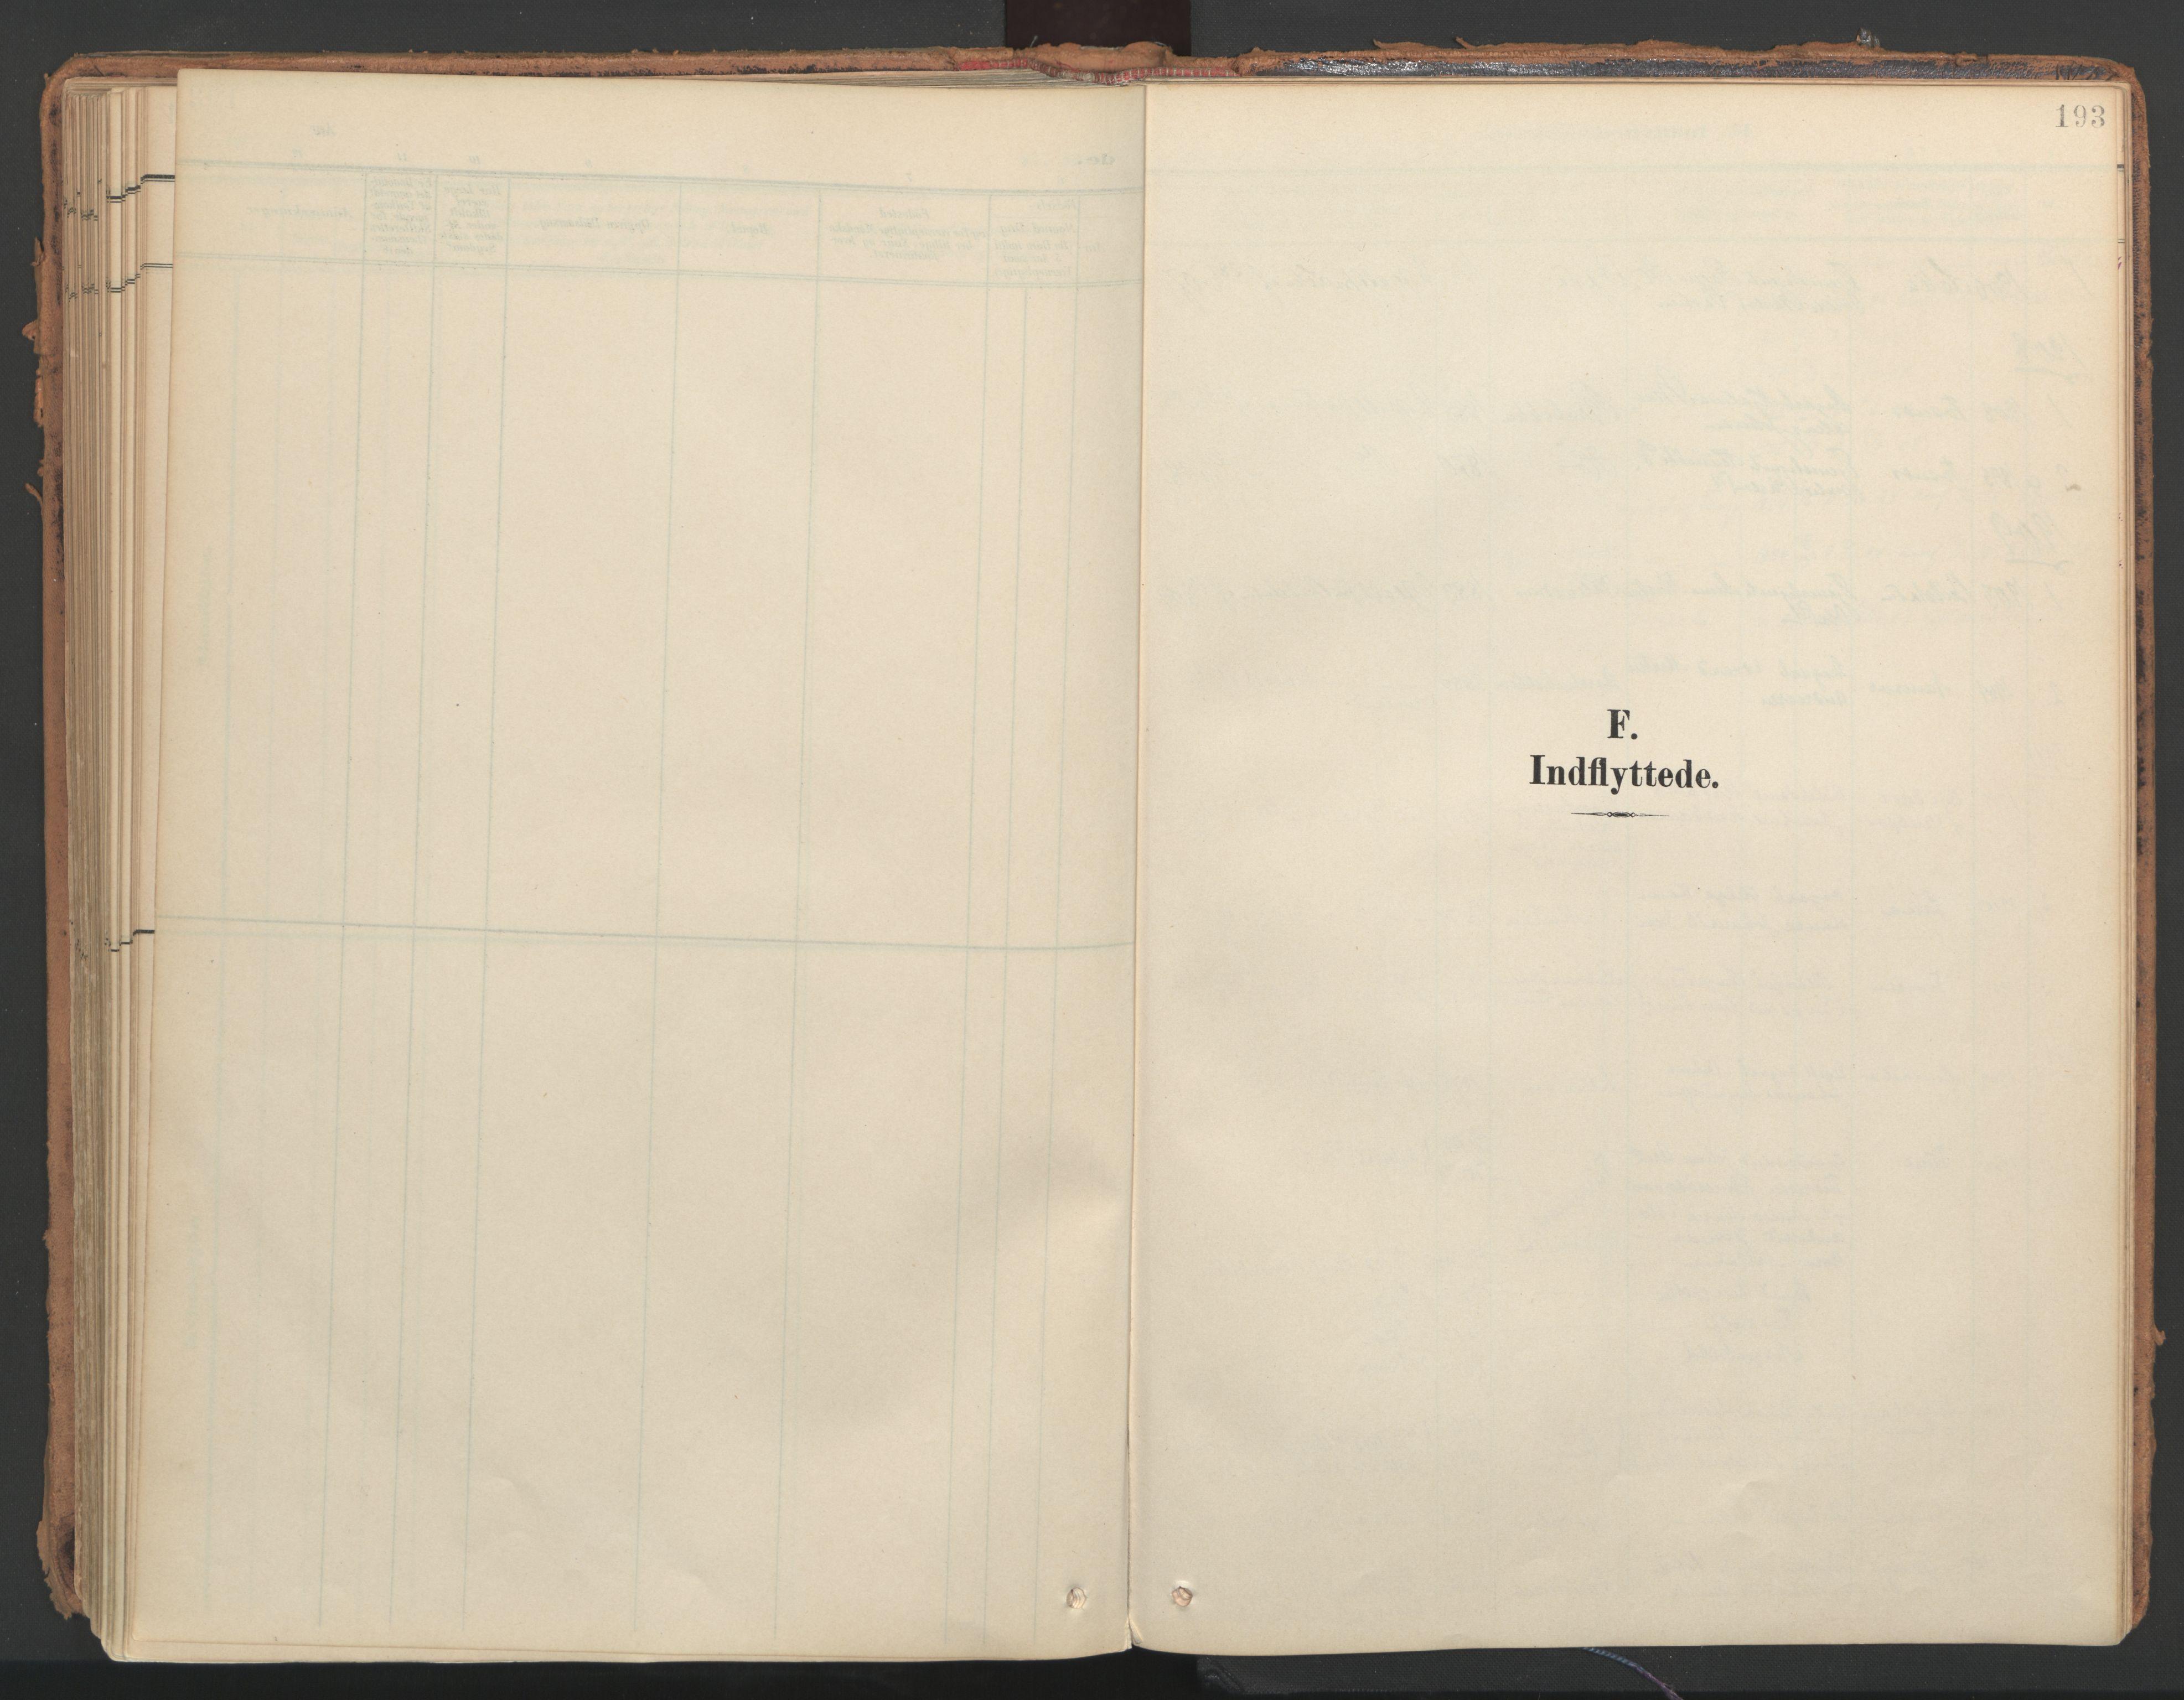 SAT, Ministerialprotokoller, klokkerbøker og fødselsregistre - Nord-Trøndelag, 766/L0564: Ministerialbok nr. 767A02, 1900-1932, s. 193